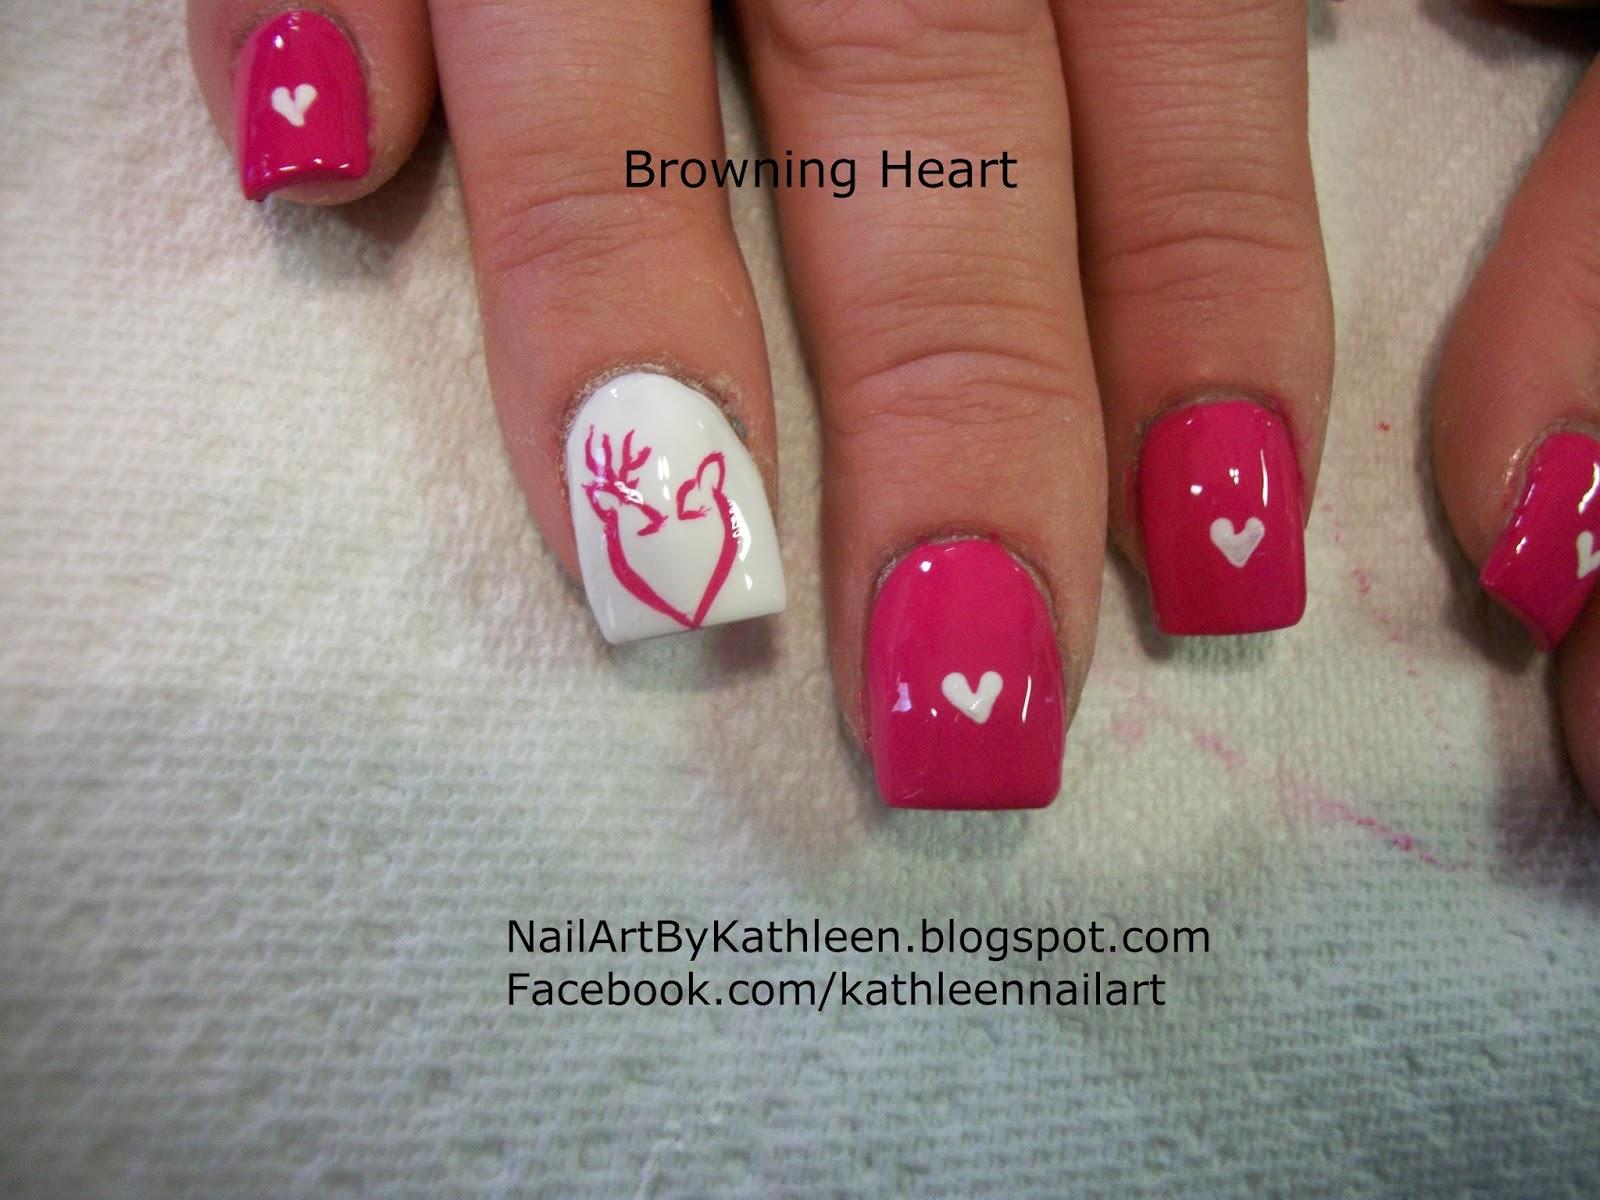 Browning Nail Art Kitharingtonweb